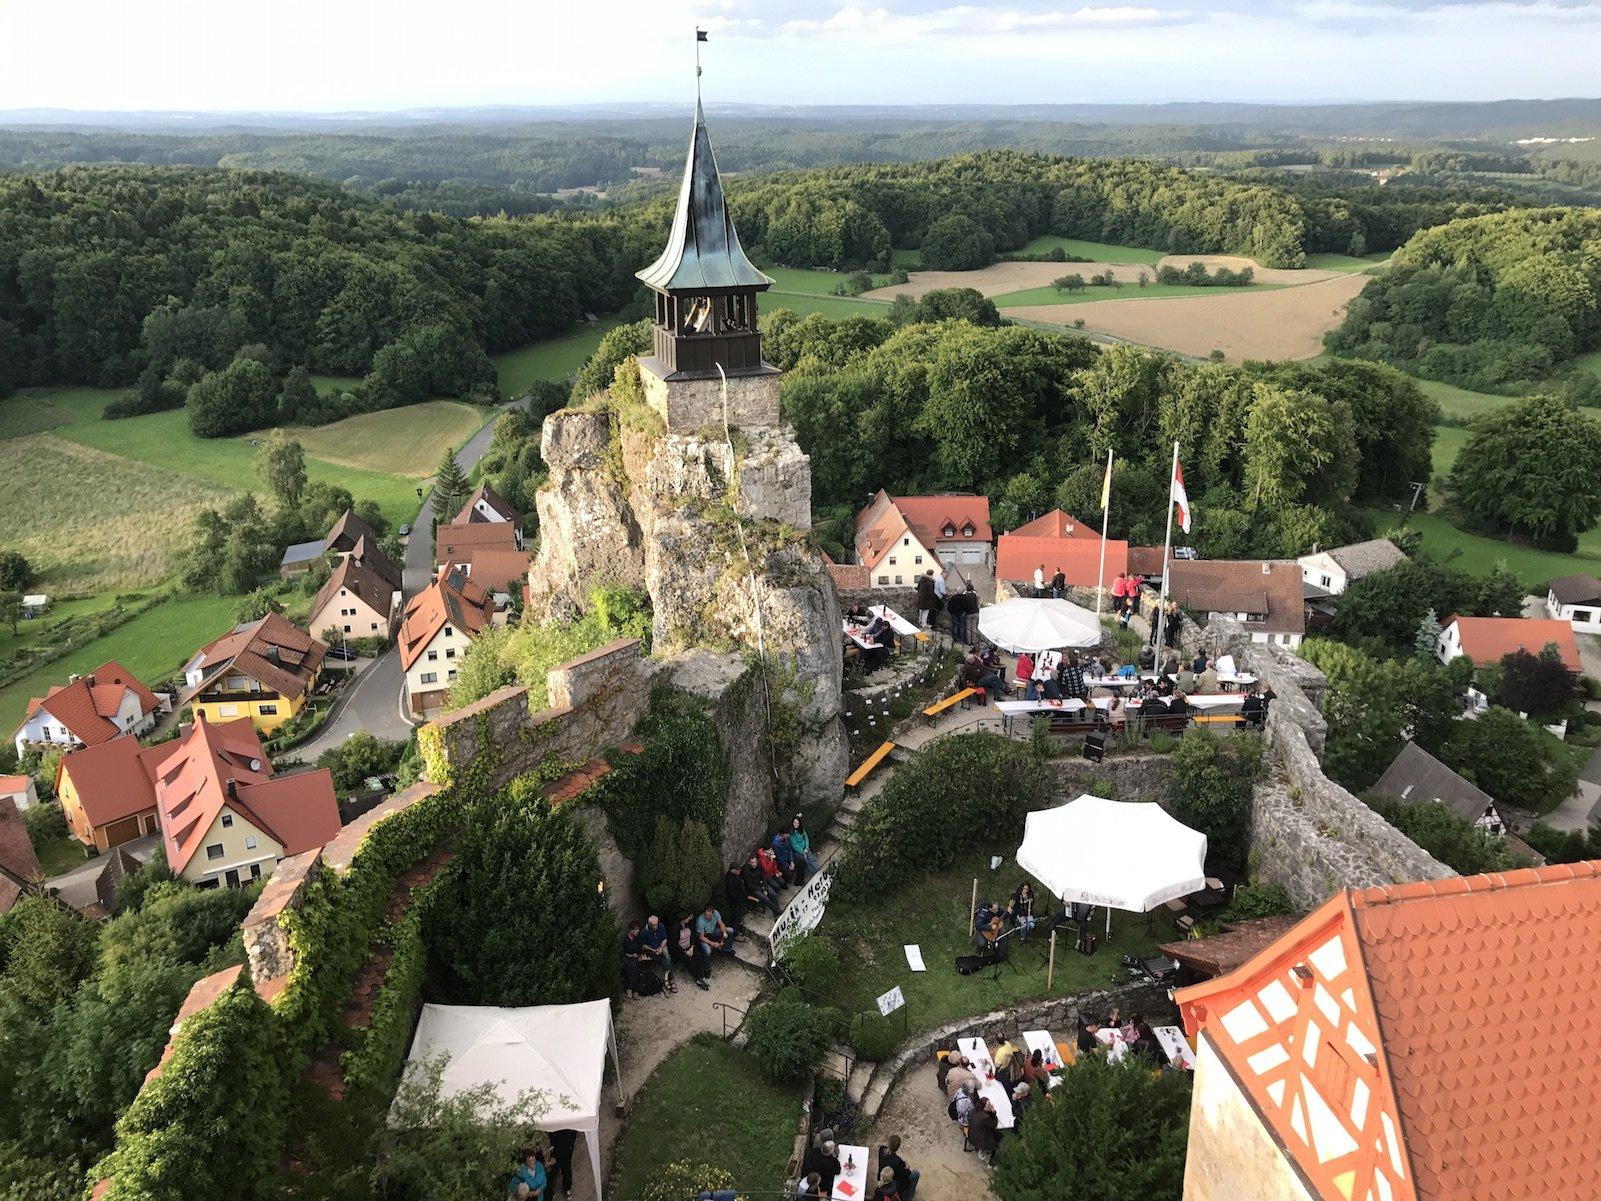 Blick in den Innenhof der Burg Hohenstein mit Musikfest und Ausblick über das Nürnberger Land